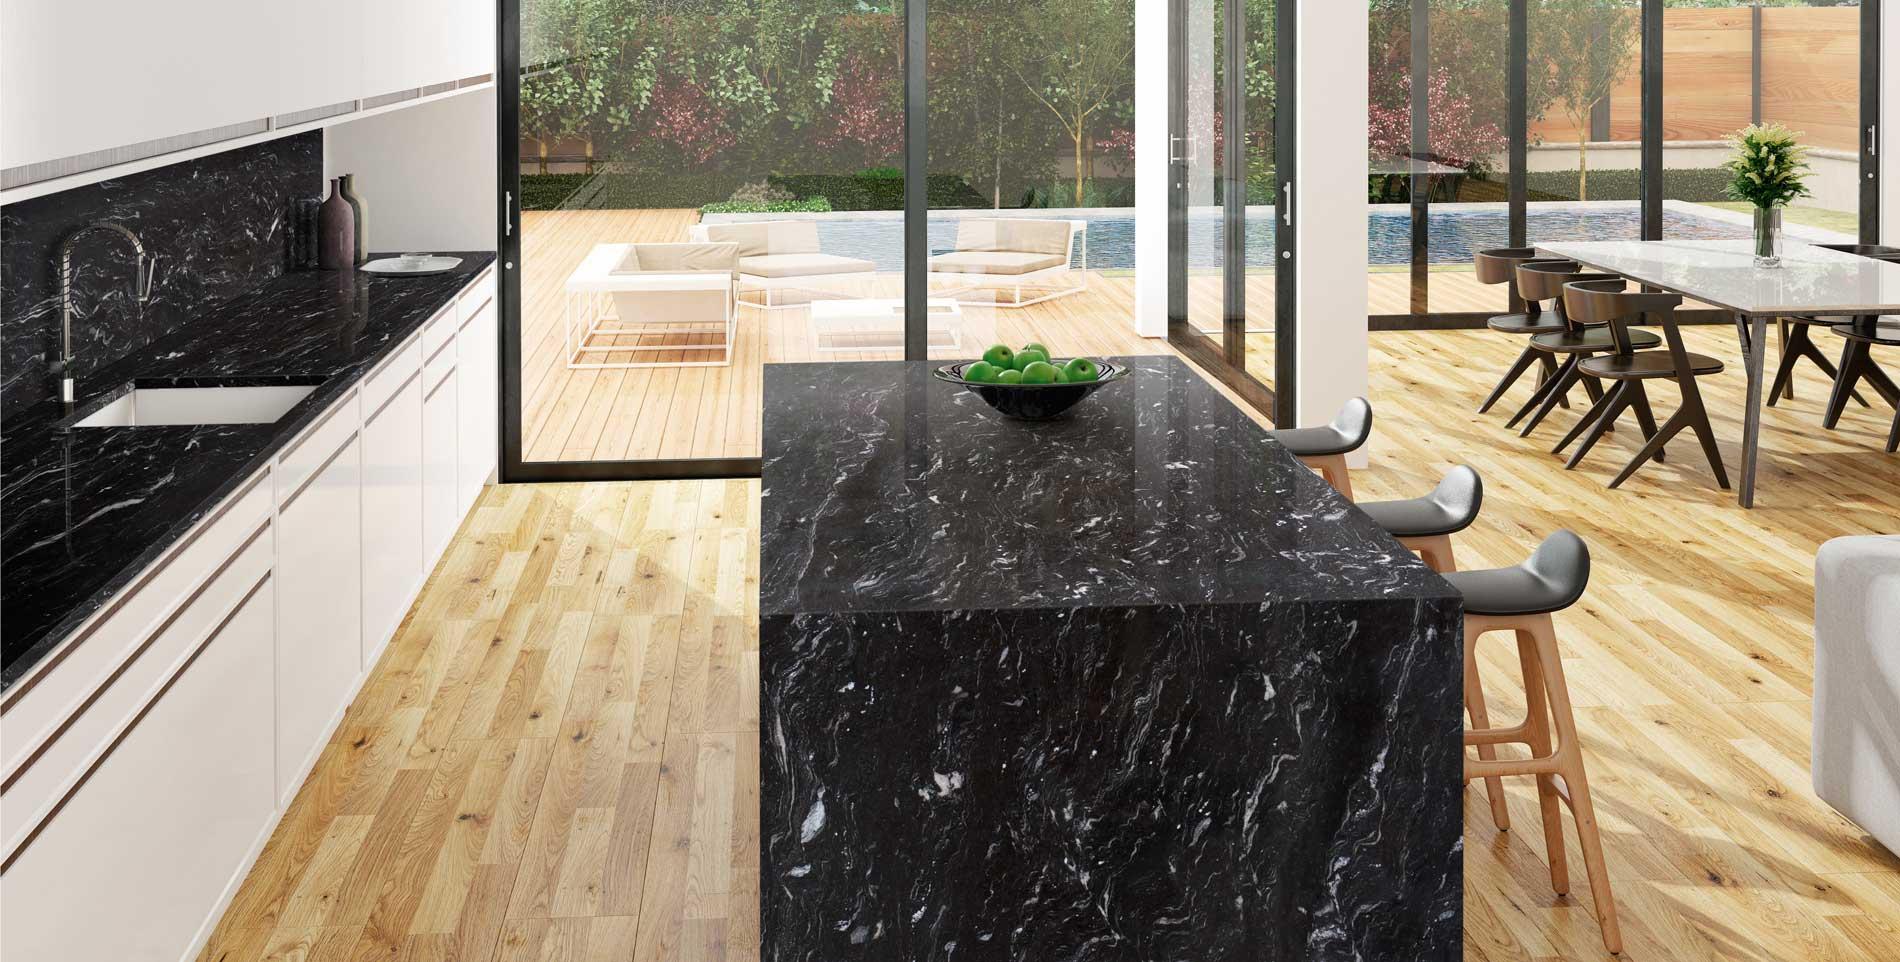 Por qu decantarse por una encimera de granito o m rmol negro for Encimera de marmol precio